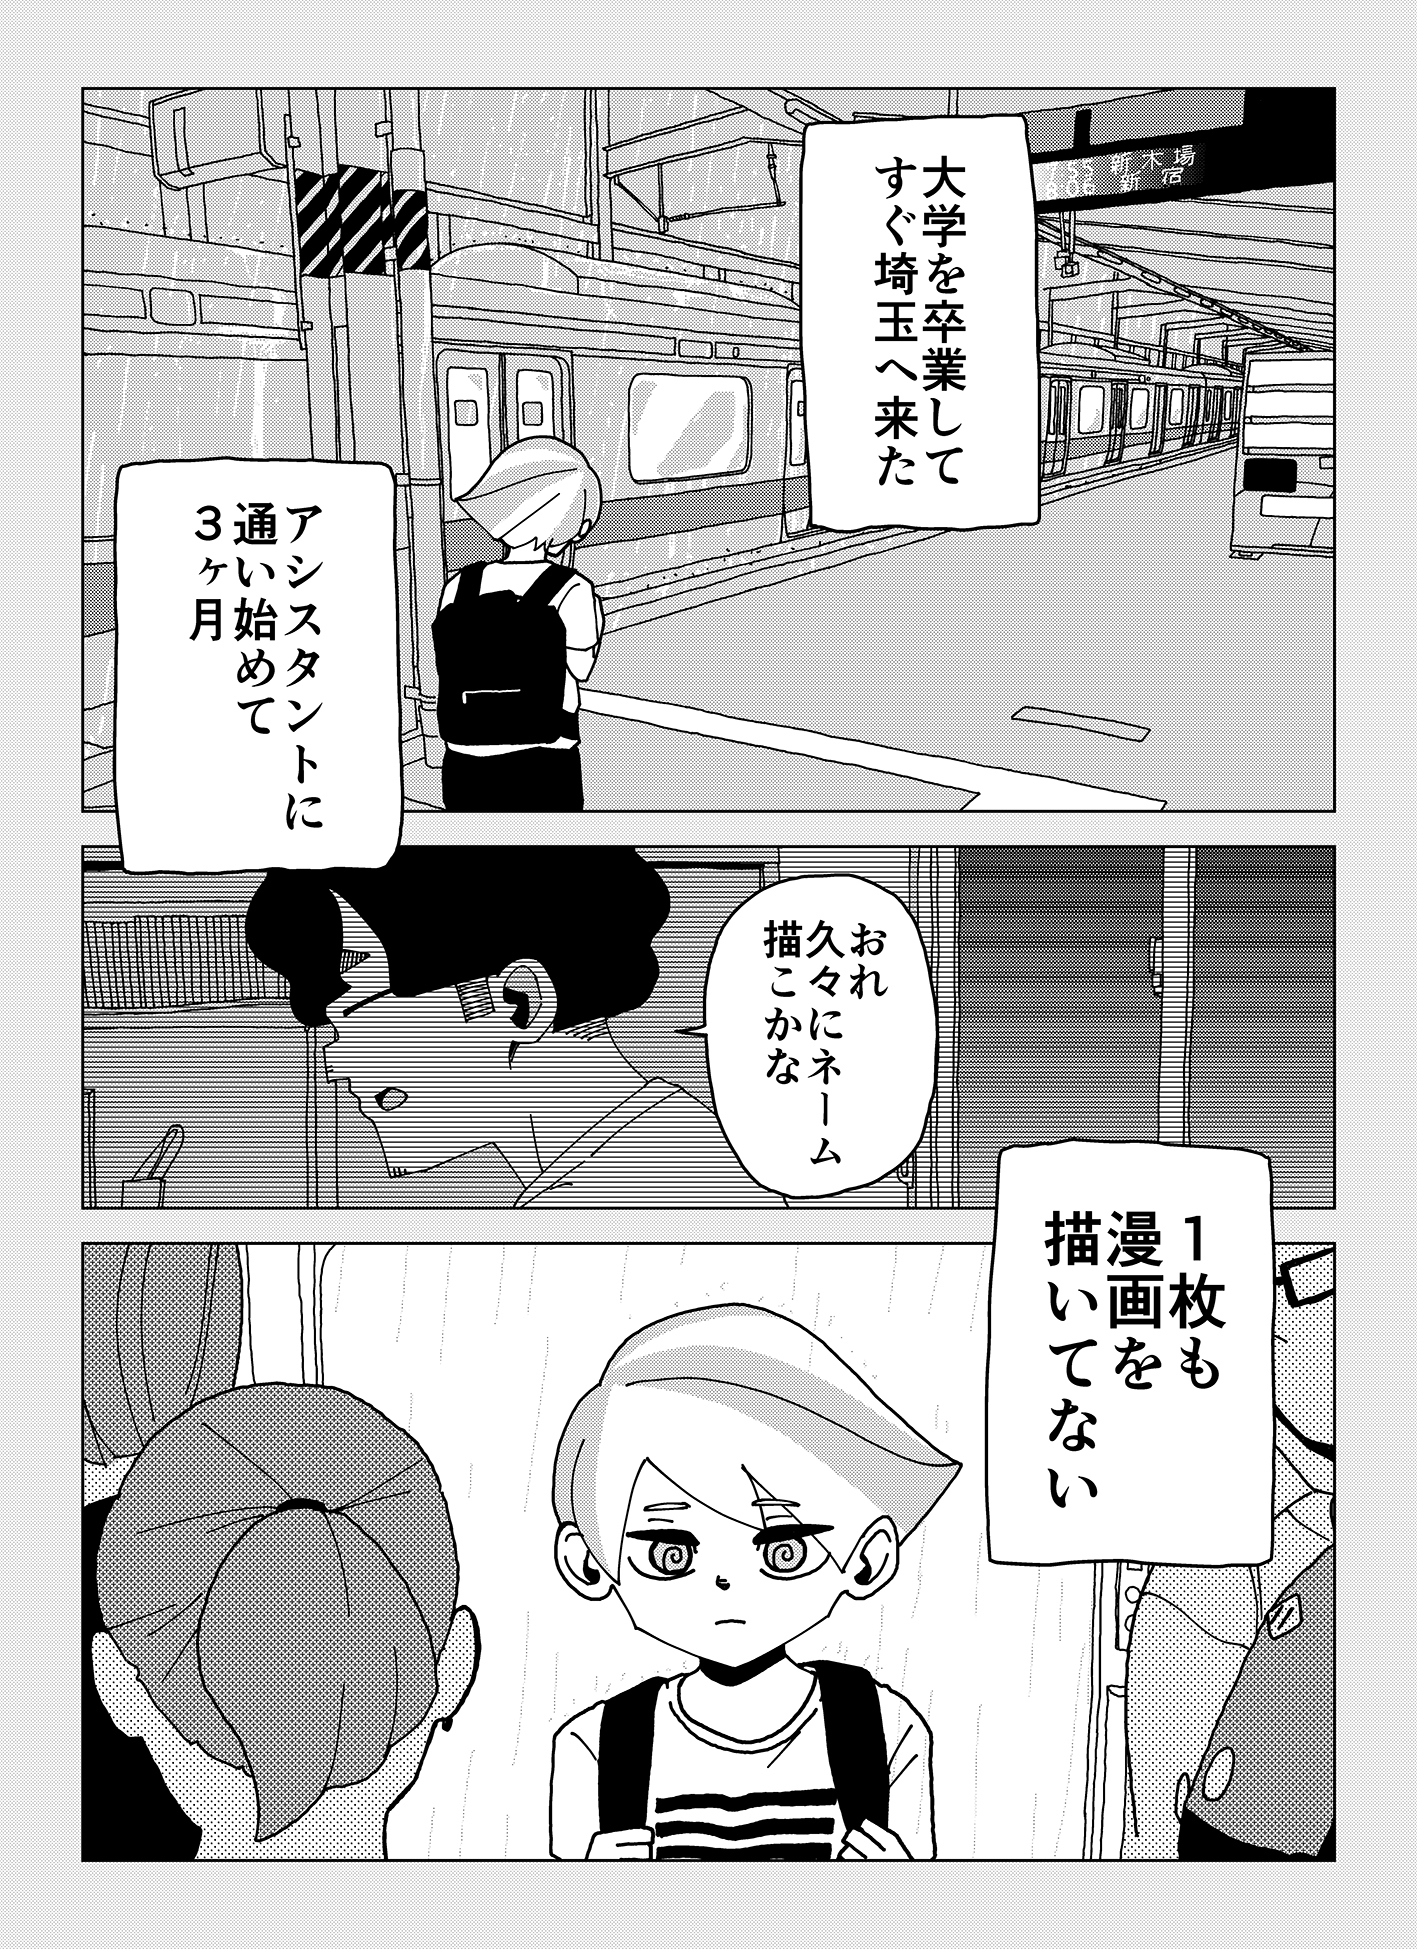 share_11_001